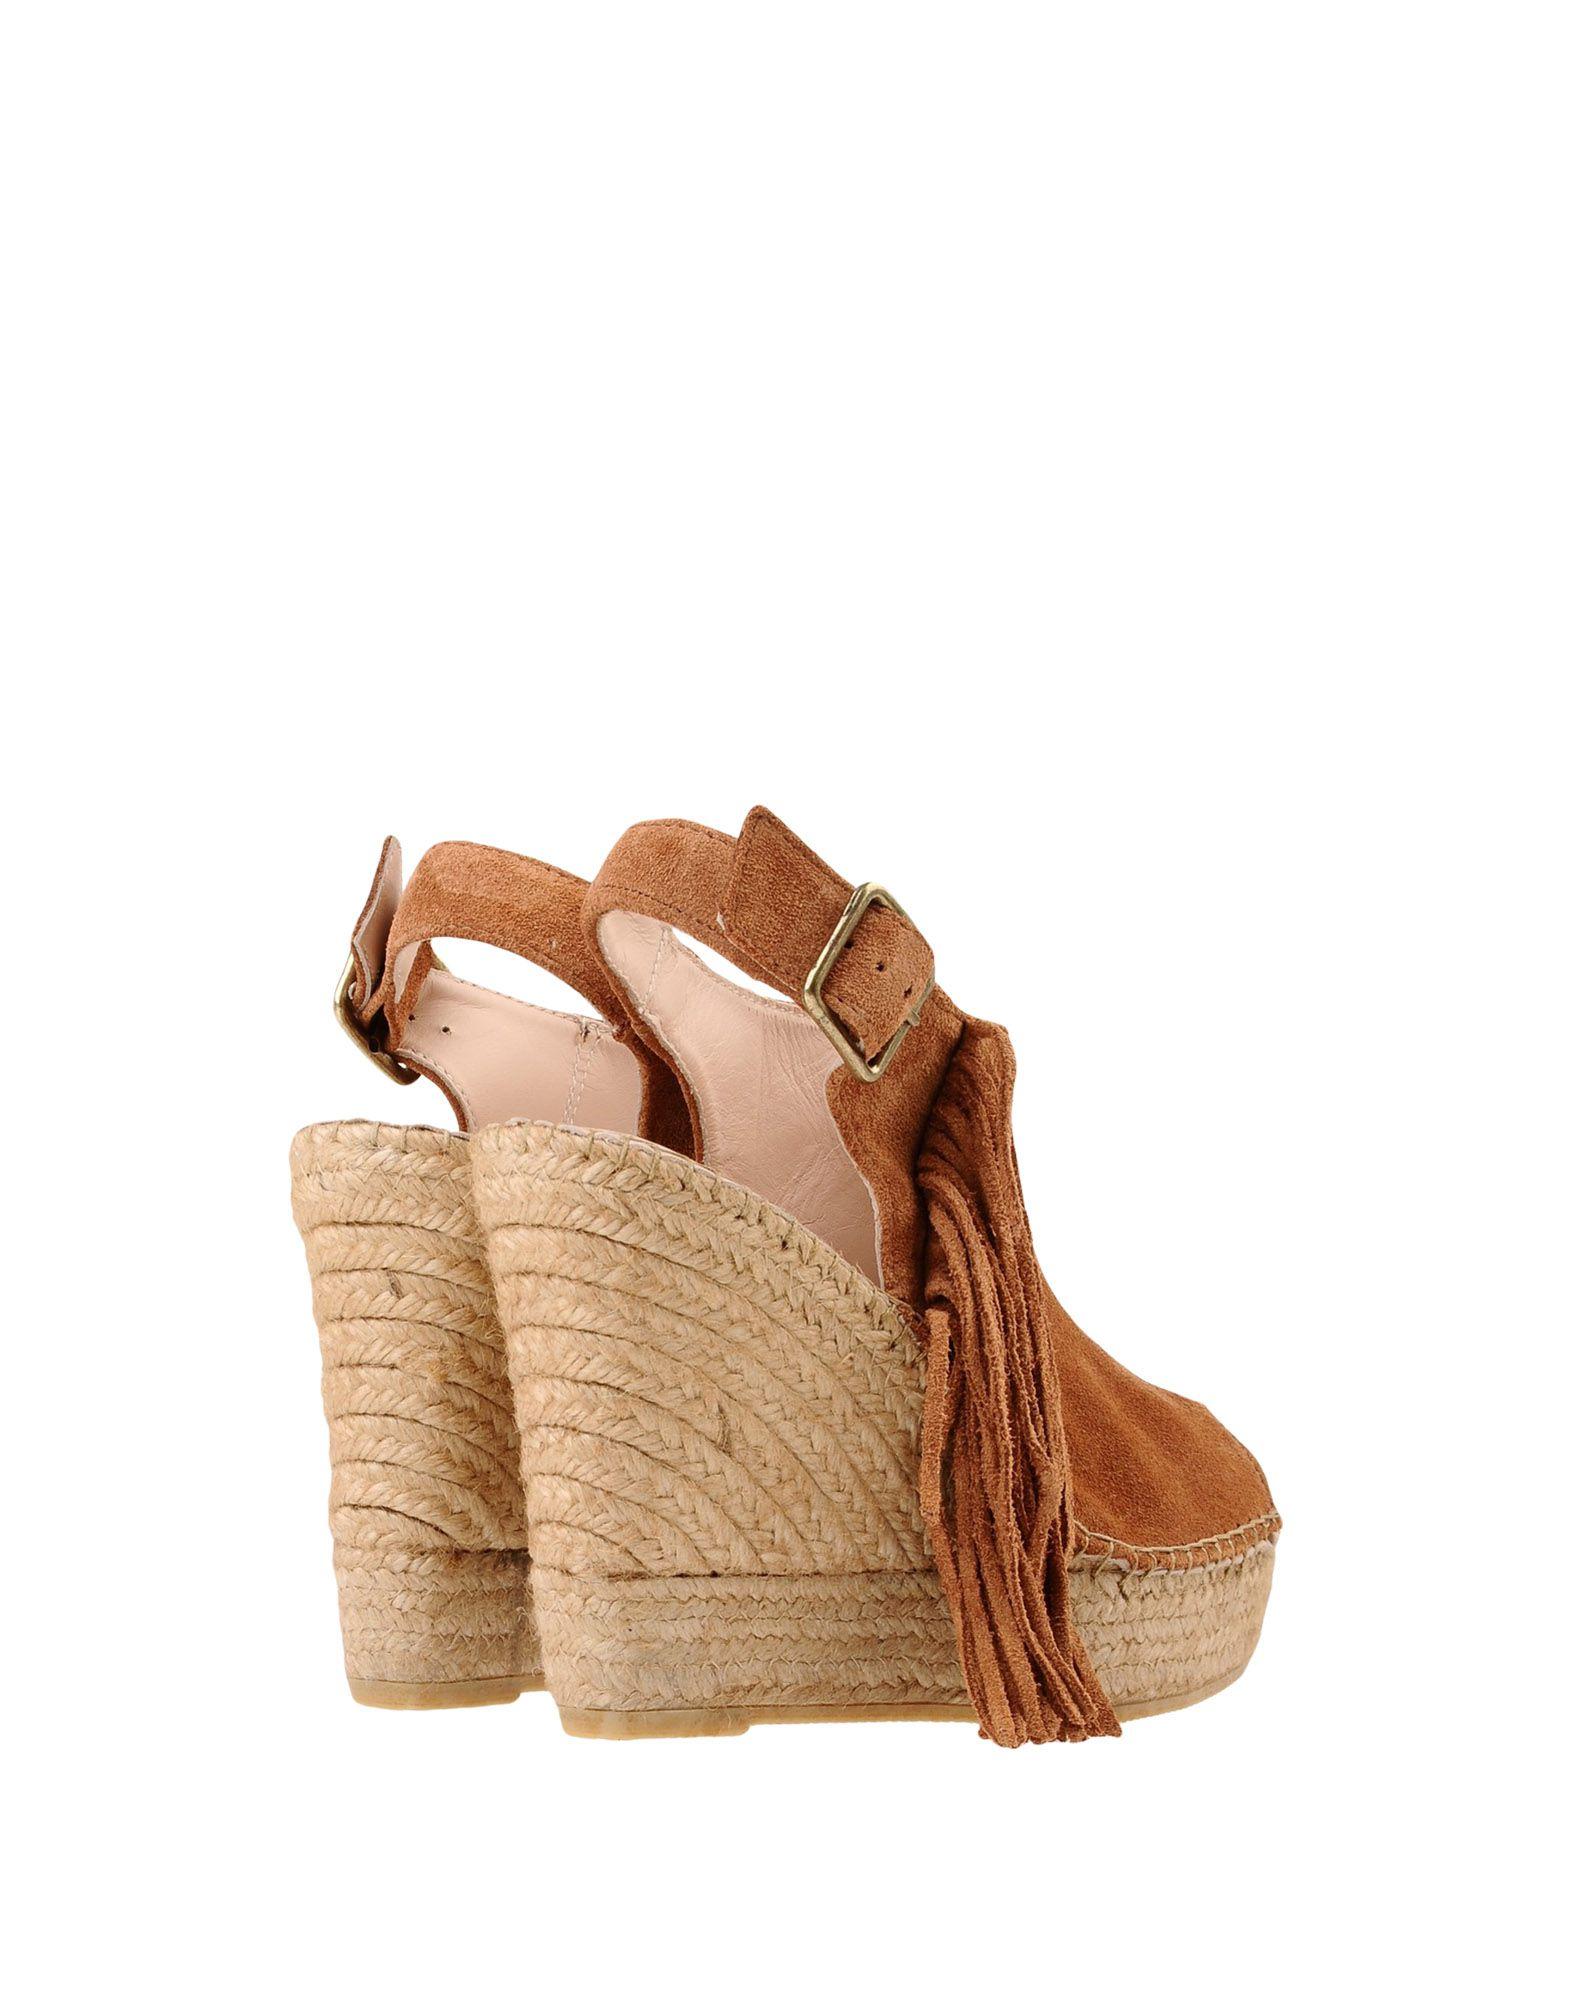 Jolie By Edward Sandalen Spiers Sandalen Edward Damen  11490278II Gute Qualität beliebte Schuhe 3d6e2b